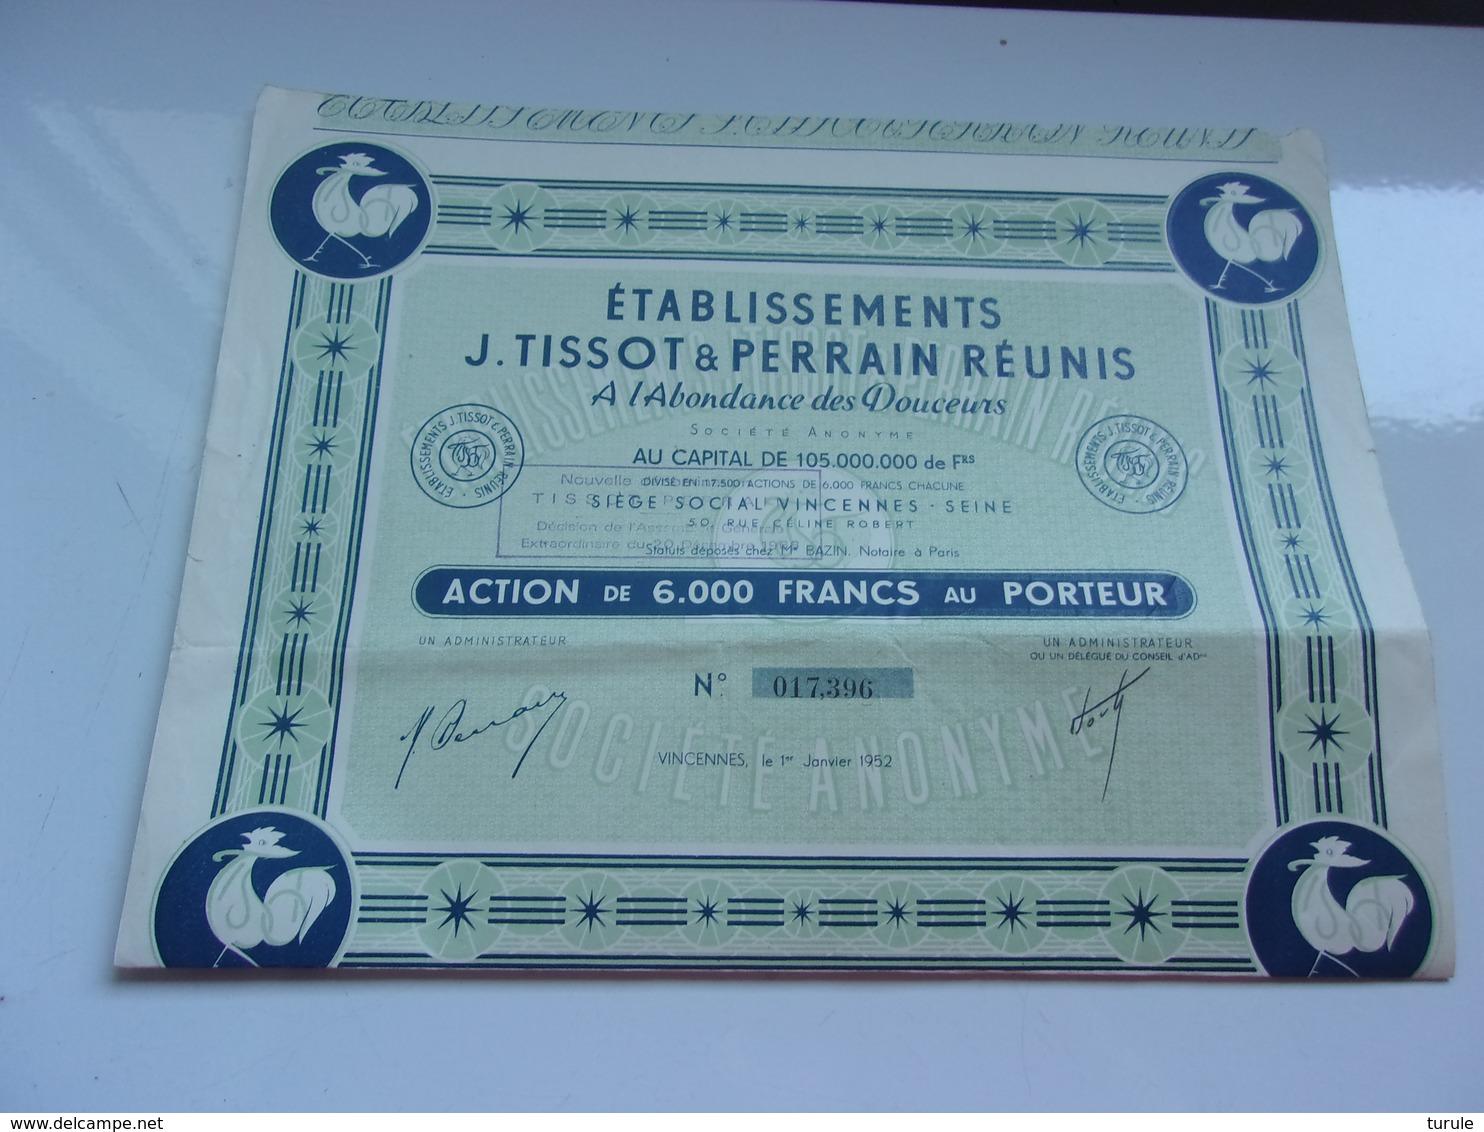 TISSOT-PERRAIN A L'abondance Des Douceurs (6000 Francs) VINCENNES - Shareholdings